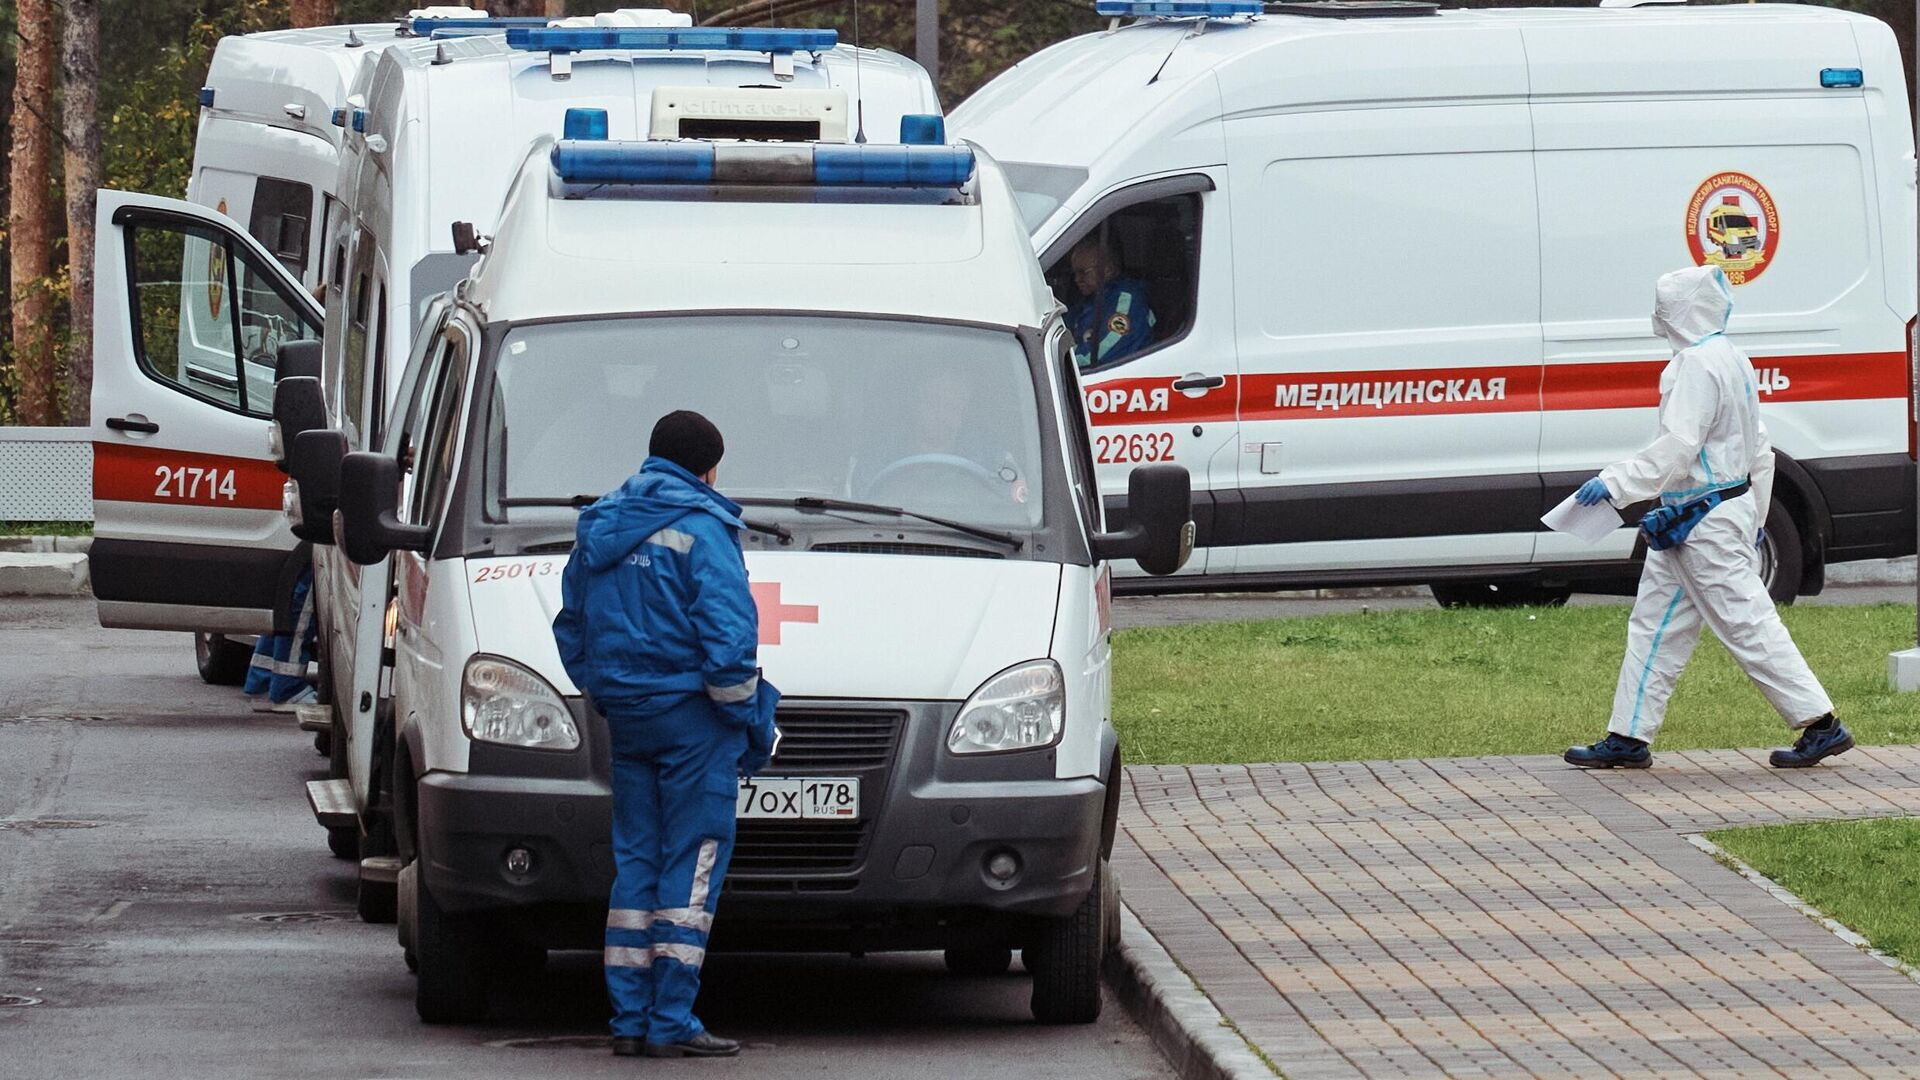 Очередь из машин скорой медицинской помощи у поликлиники №68 города Сестрорецке - РИА Новости, 1920, 08.05.2021